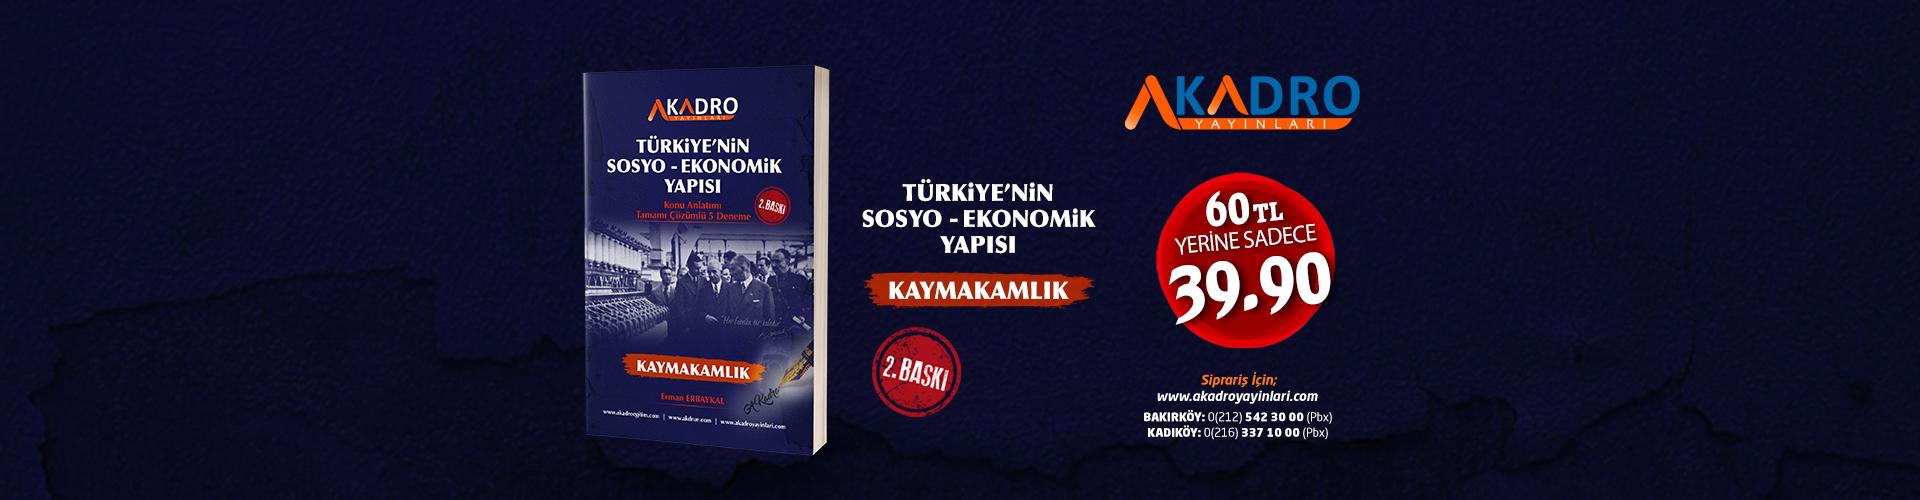 TÜRKİYENİN SOSYO EKONOMİK akadroegitim banner